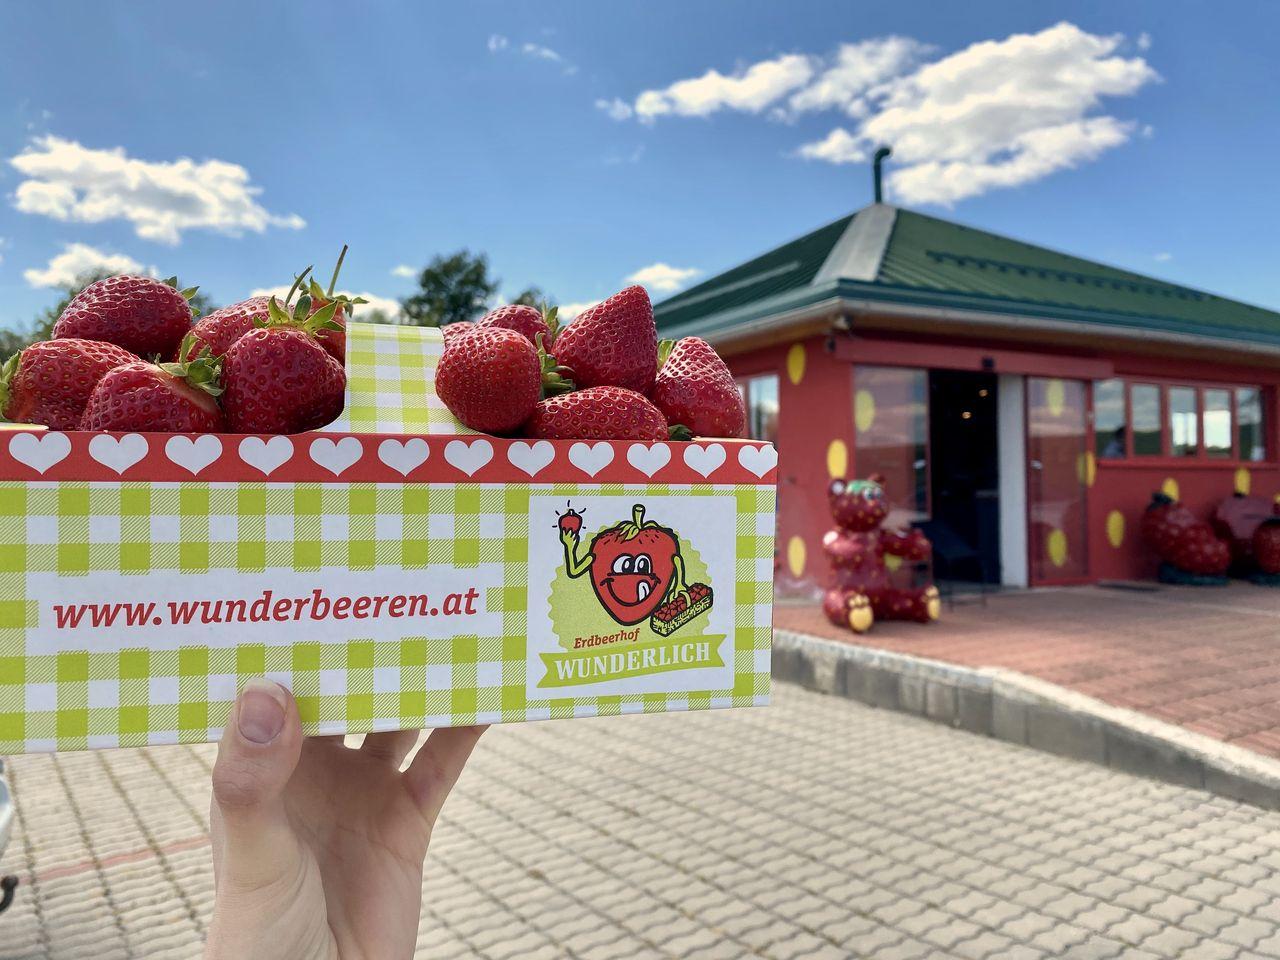 Erdbeerhof Wunderlich - Erdbeer Drive-in - B4 Stockerau